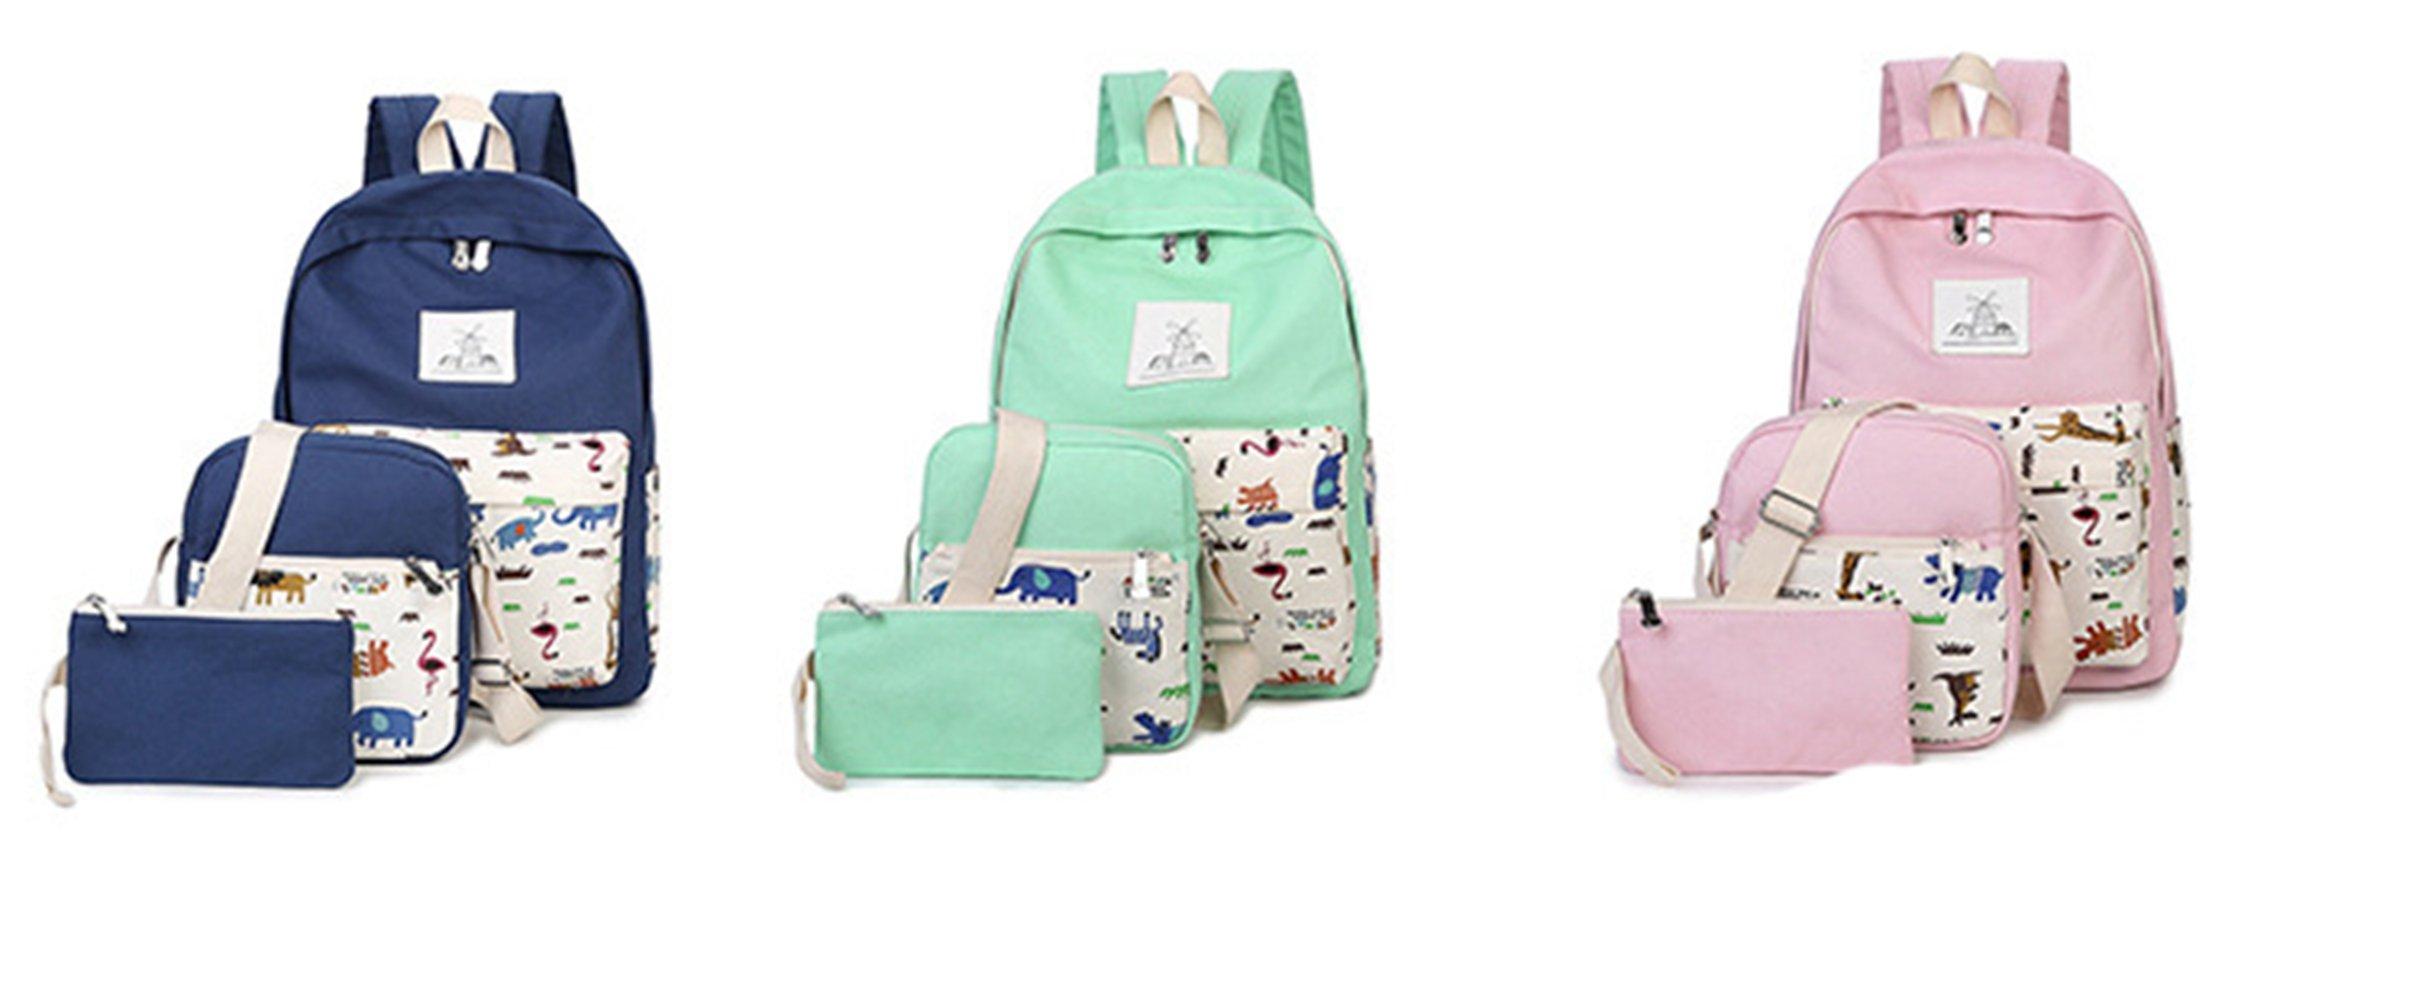 Zehui Women Canvas Backpack Rucksack Travel Shoulder School Messeger Purse Bag Set Navy Blue